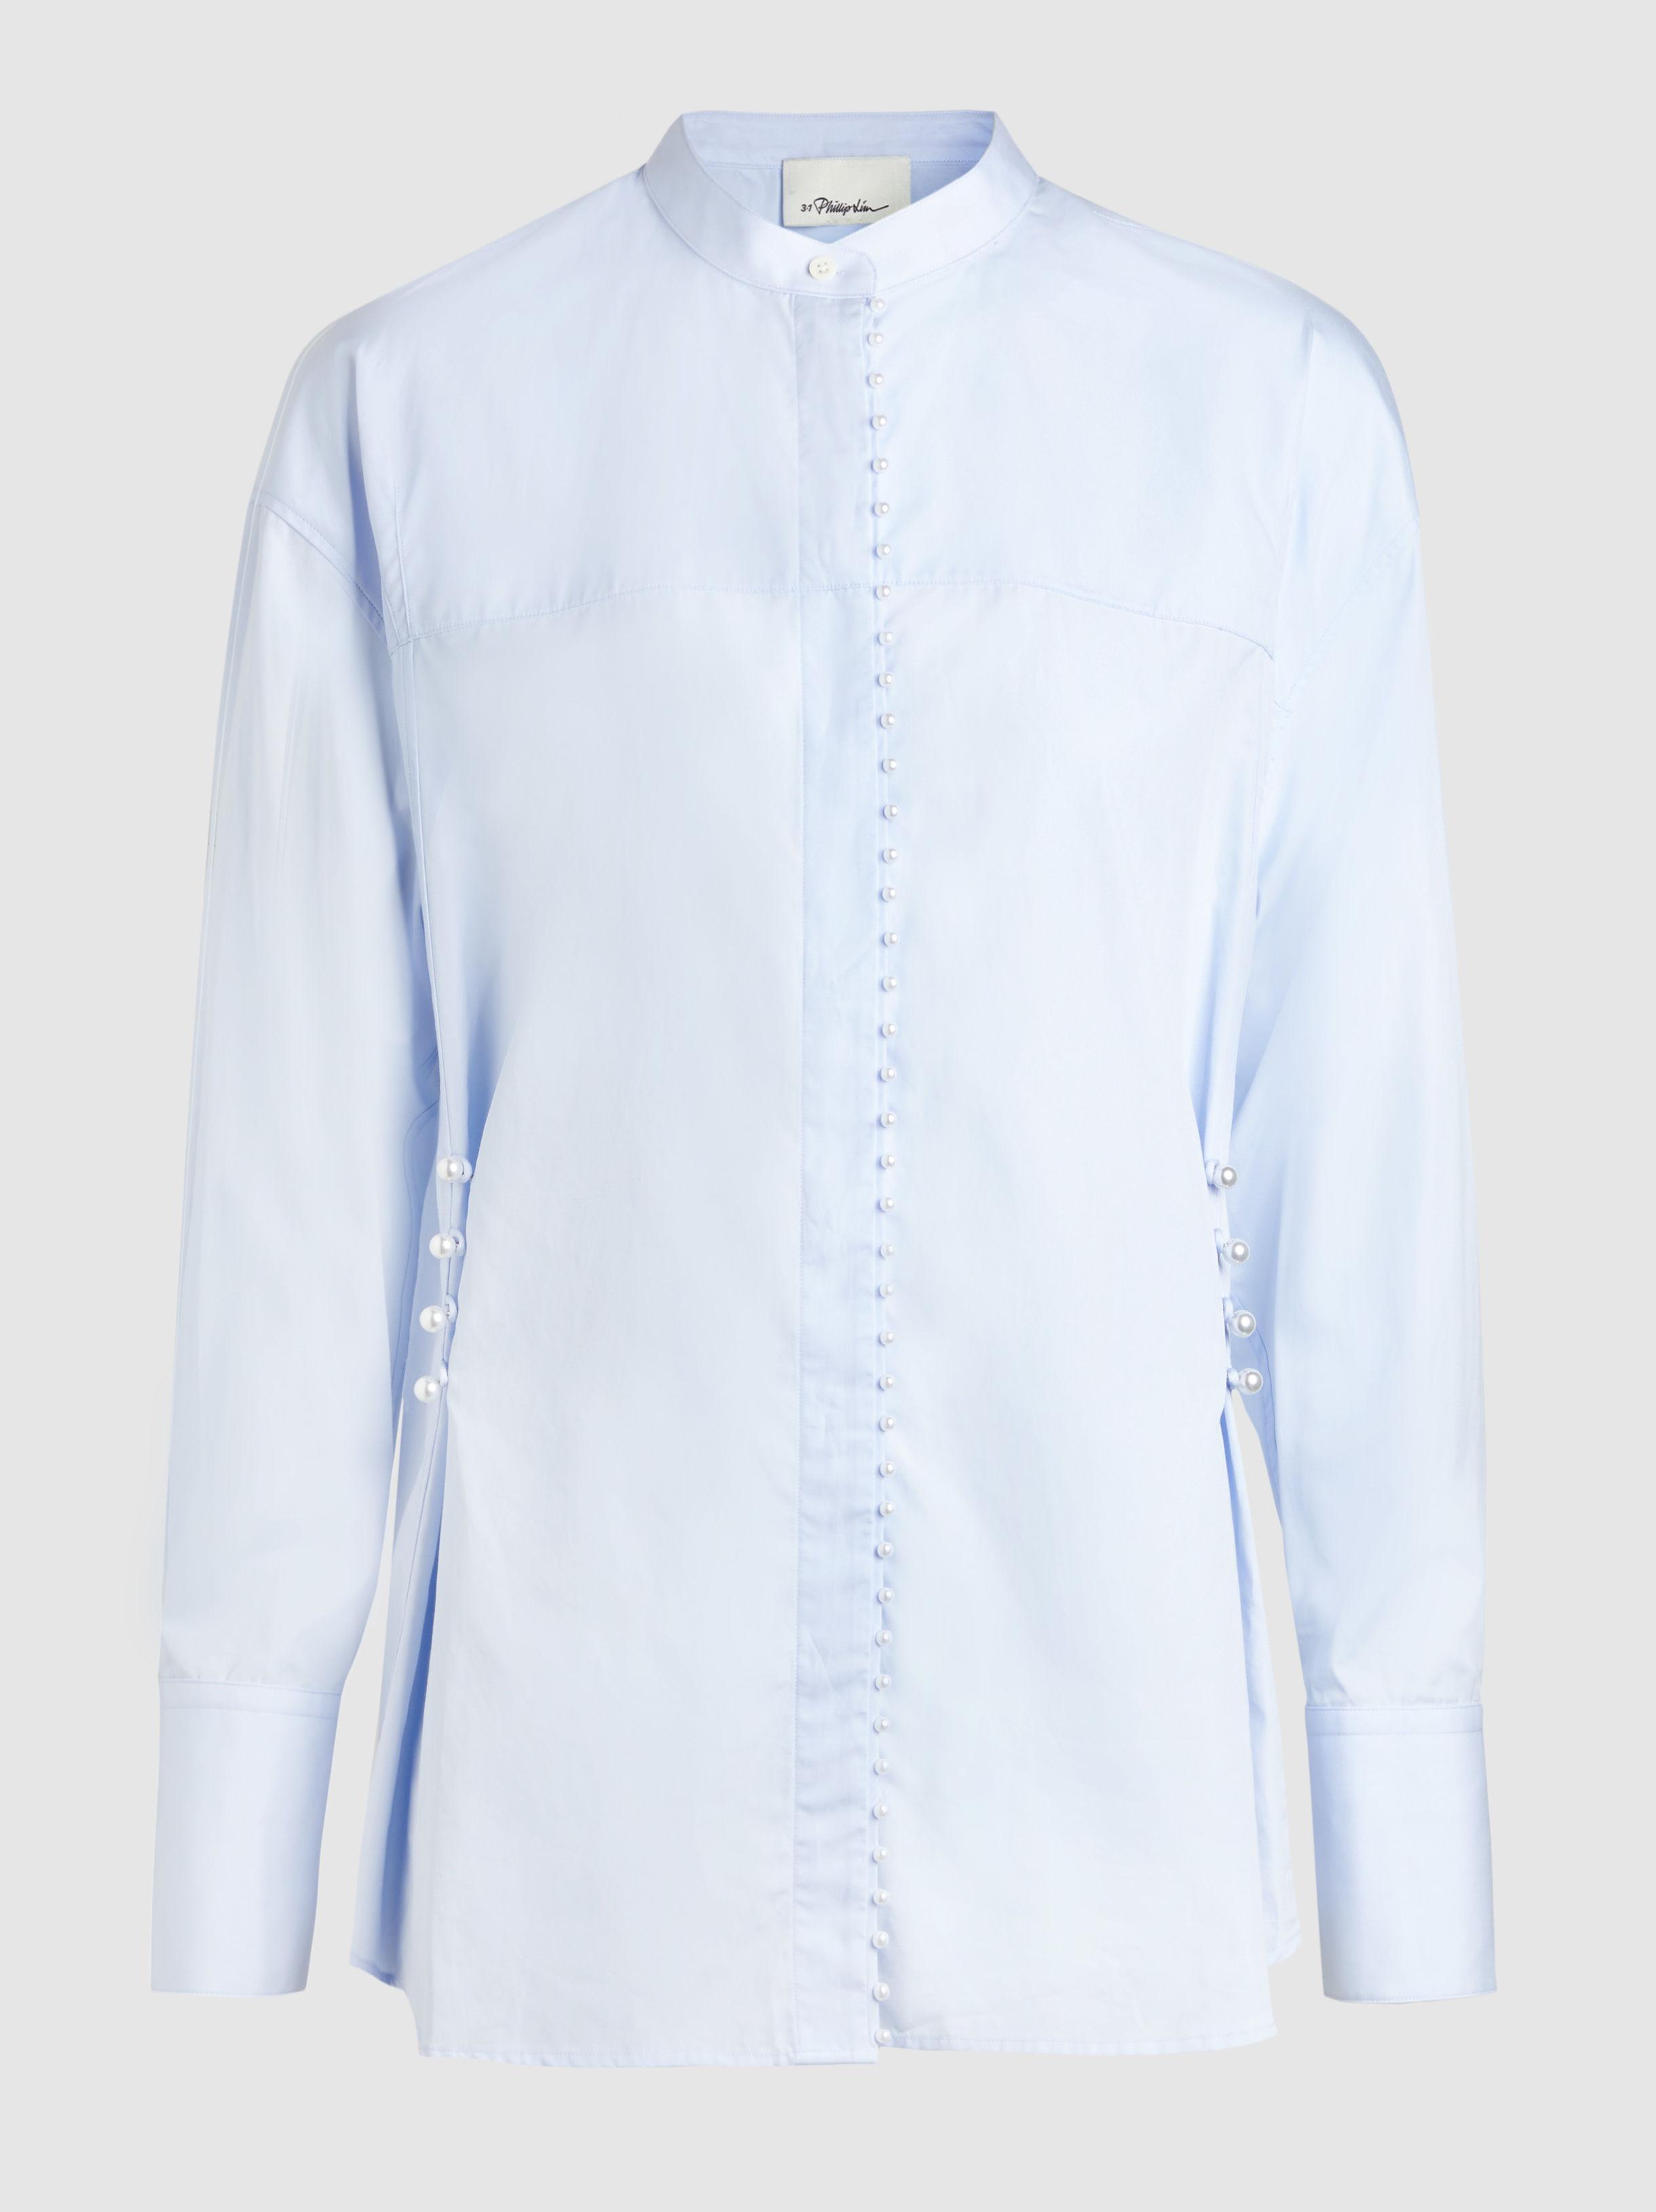 3.1 Phillip Lim Woman Voile-paneled Crepe Blouse White Size 0 3.1 Phillip Lim Classic Cheap Online kZMFe